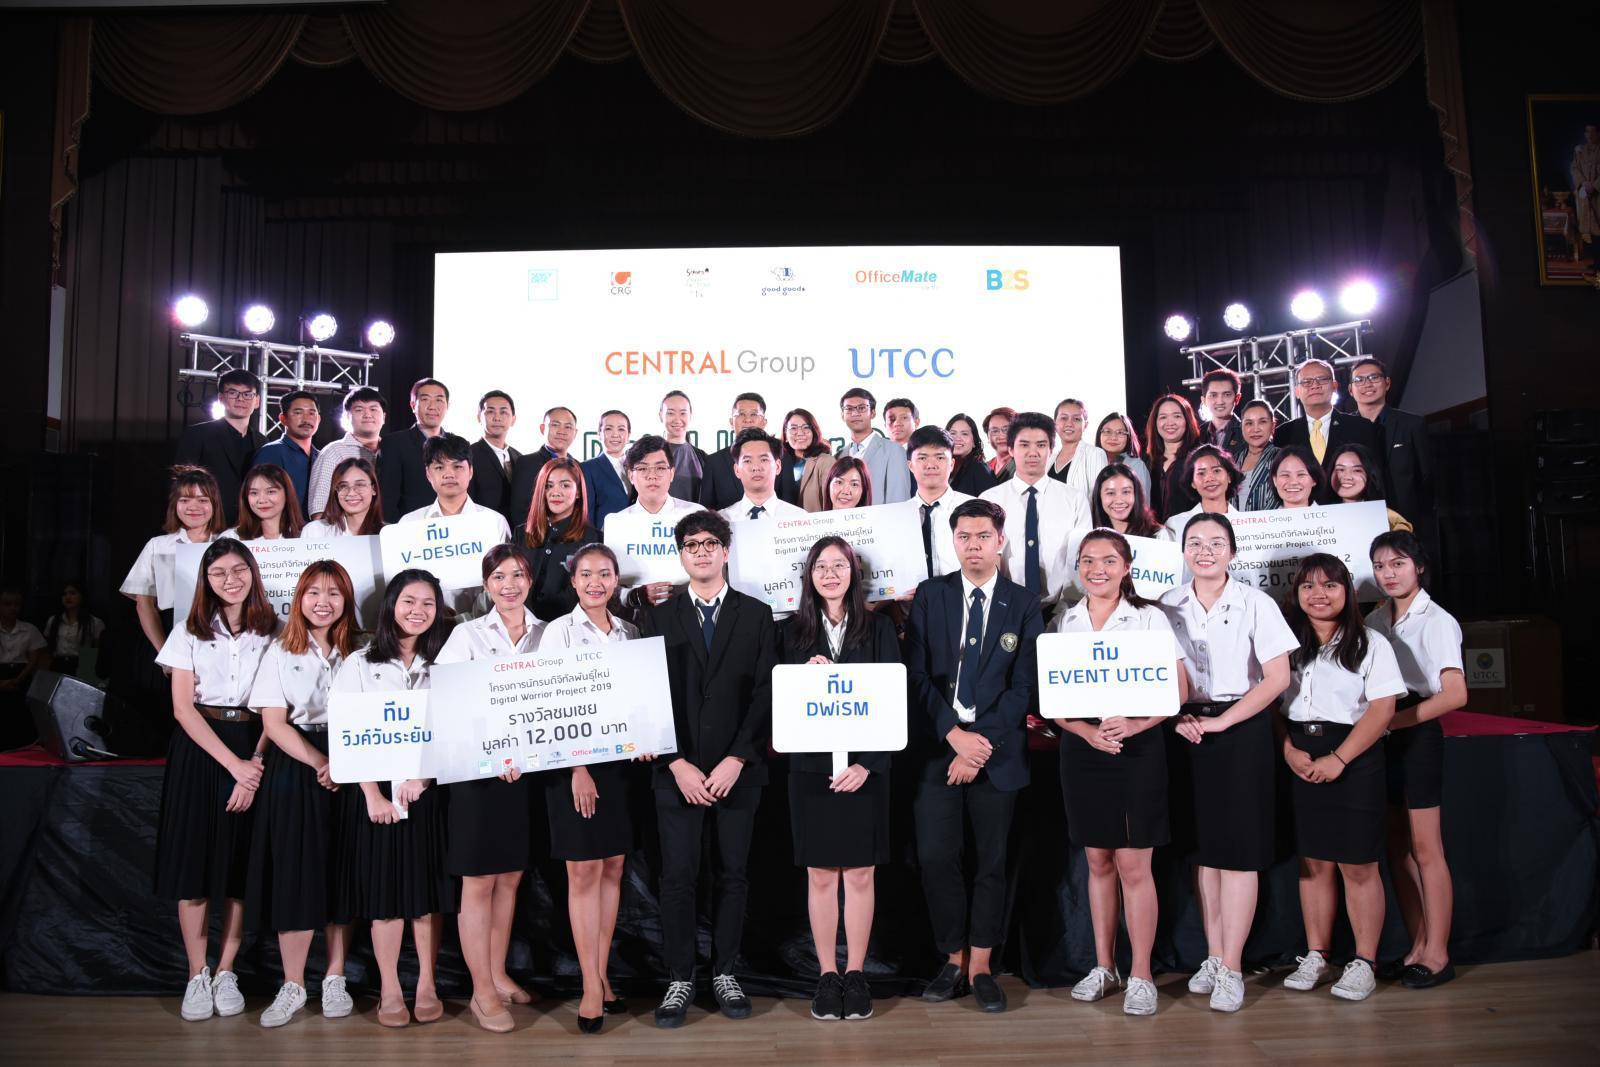 """ม.หอการค้าไทย จับมือเซ็นทรัล สร้างนักรบดิจิทัลพันธุ์ใหม่ จัดแข่งขัน """"Digital Warrior Project 2019"""""""